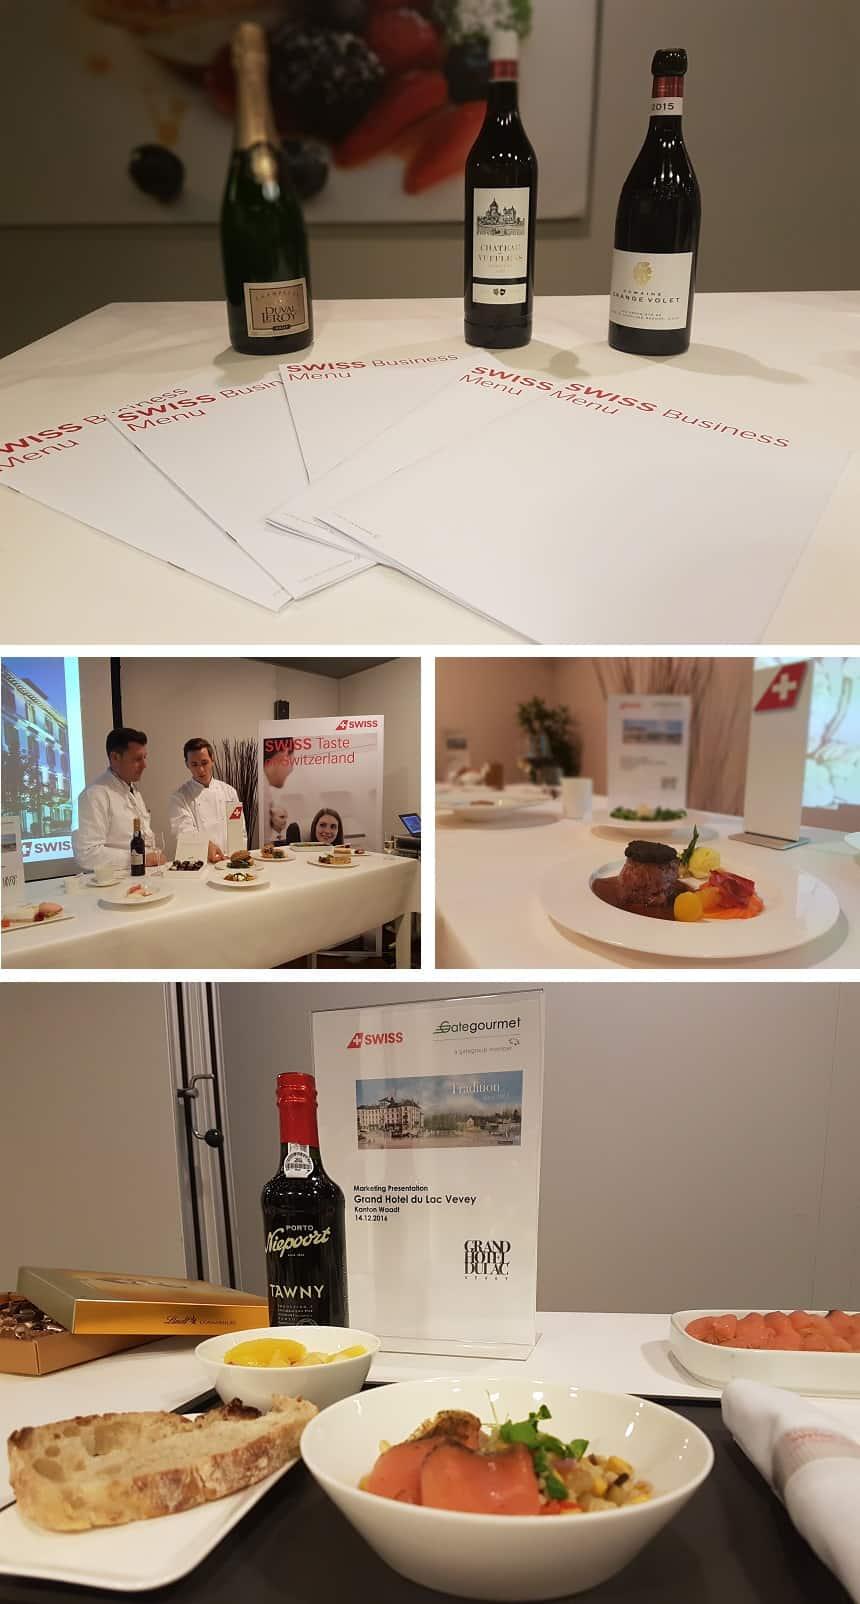 Presentatie bij Gate Gourmet van de nieuwe gerechten van SWISS.